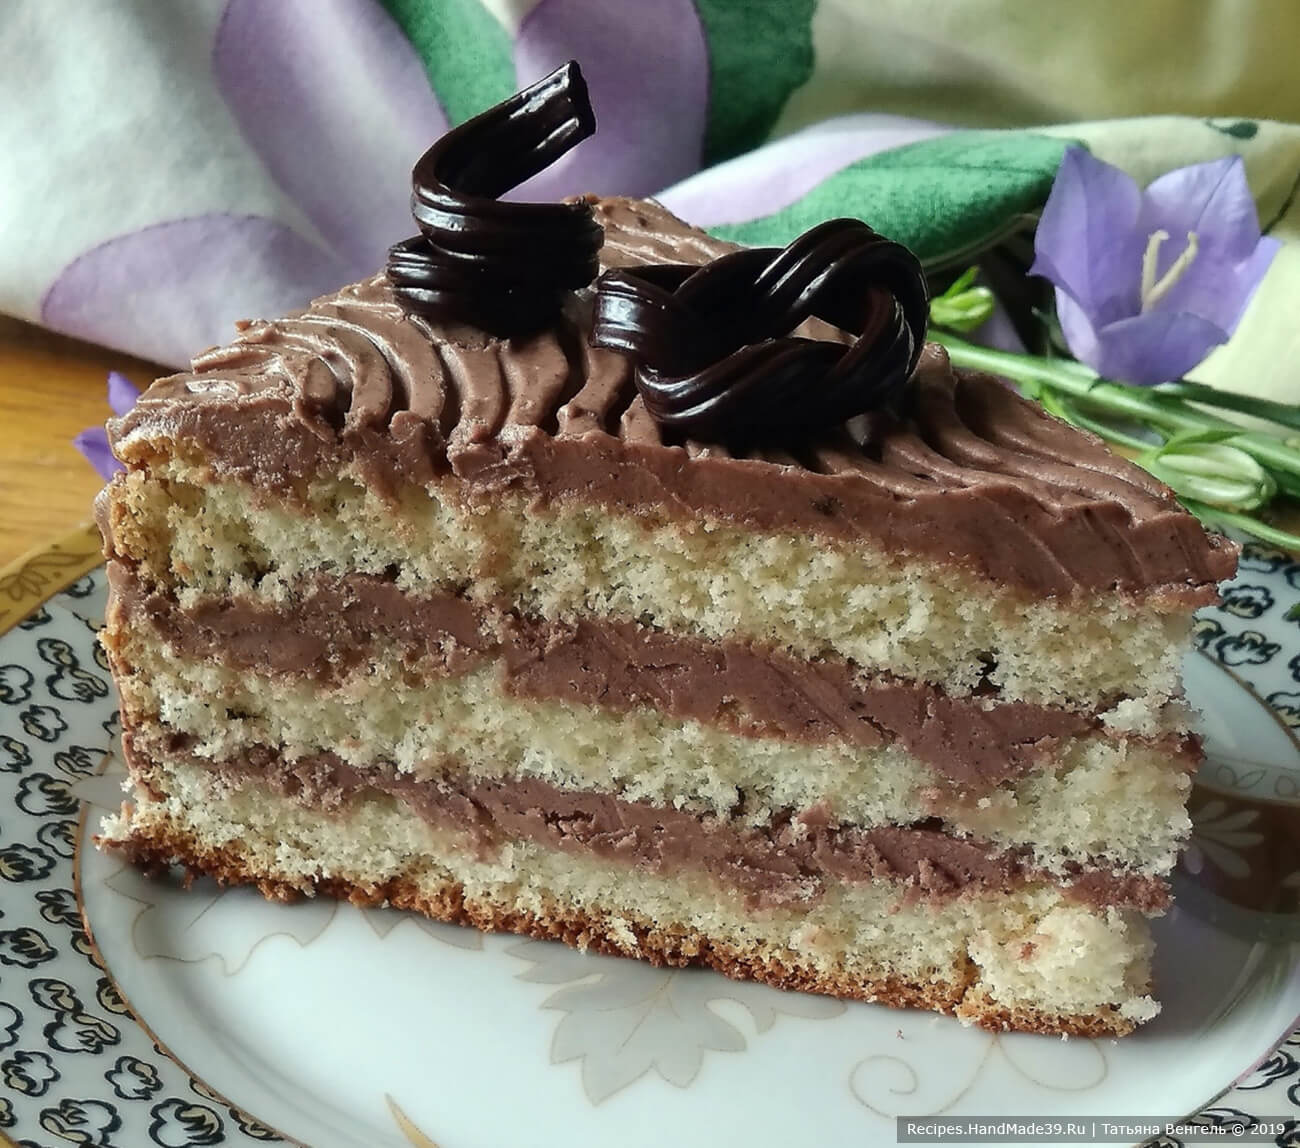 расписание торты в разрезе фото с рецептом идем как одна